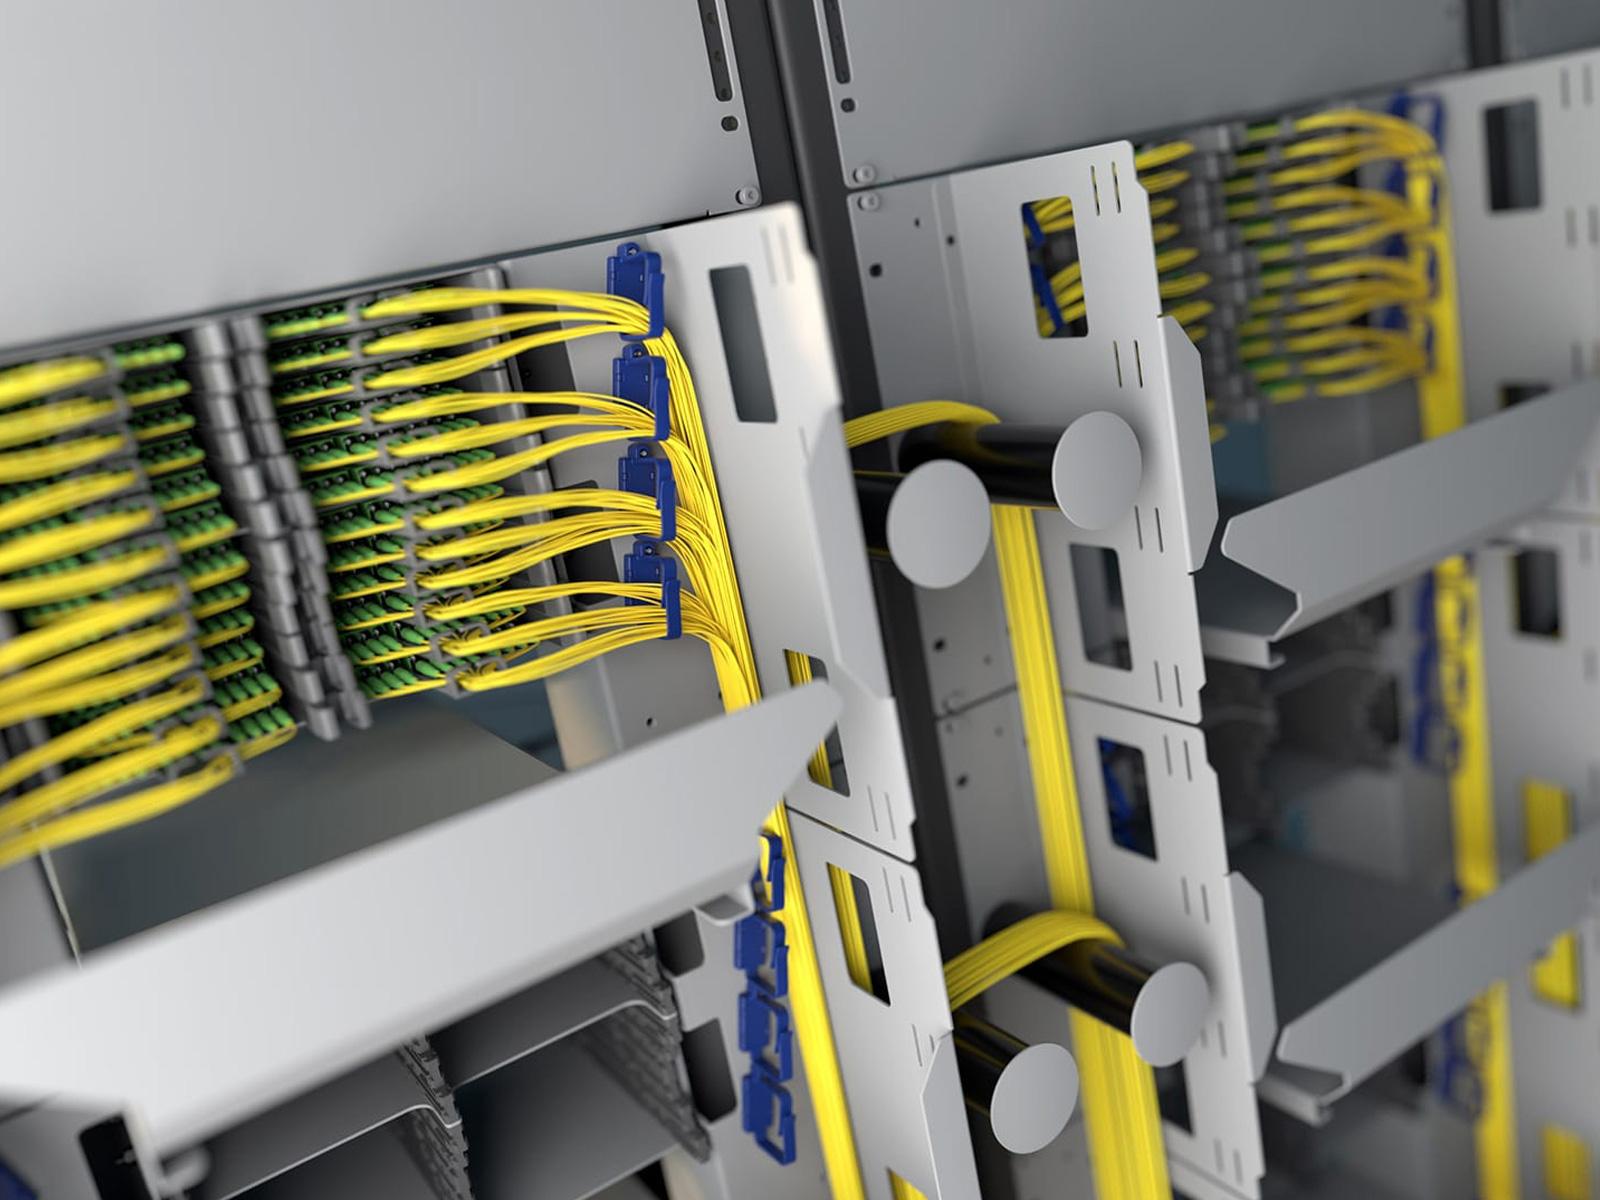 Le cadre de distribution de fibre NextSTEP remporte 2 prix de l'industrie